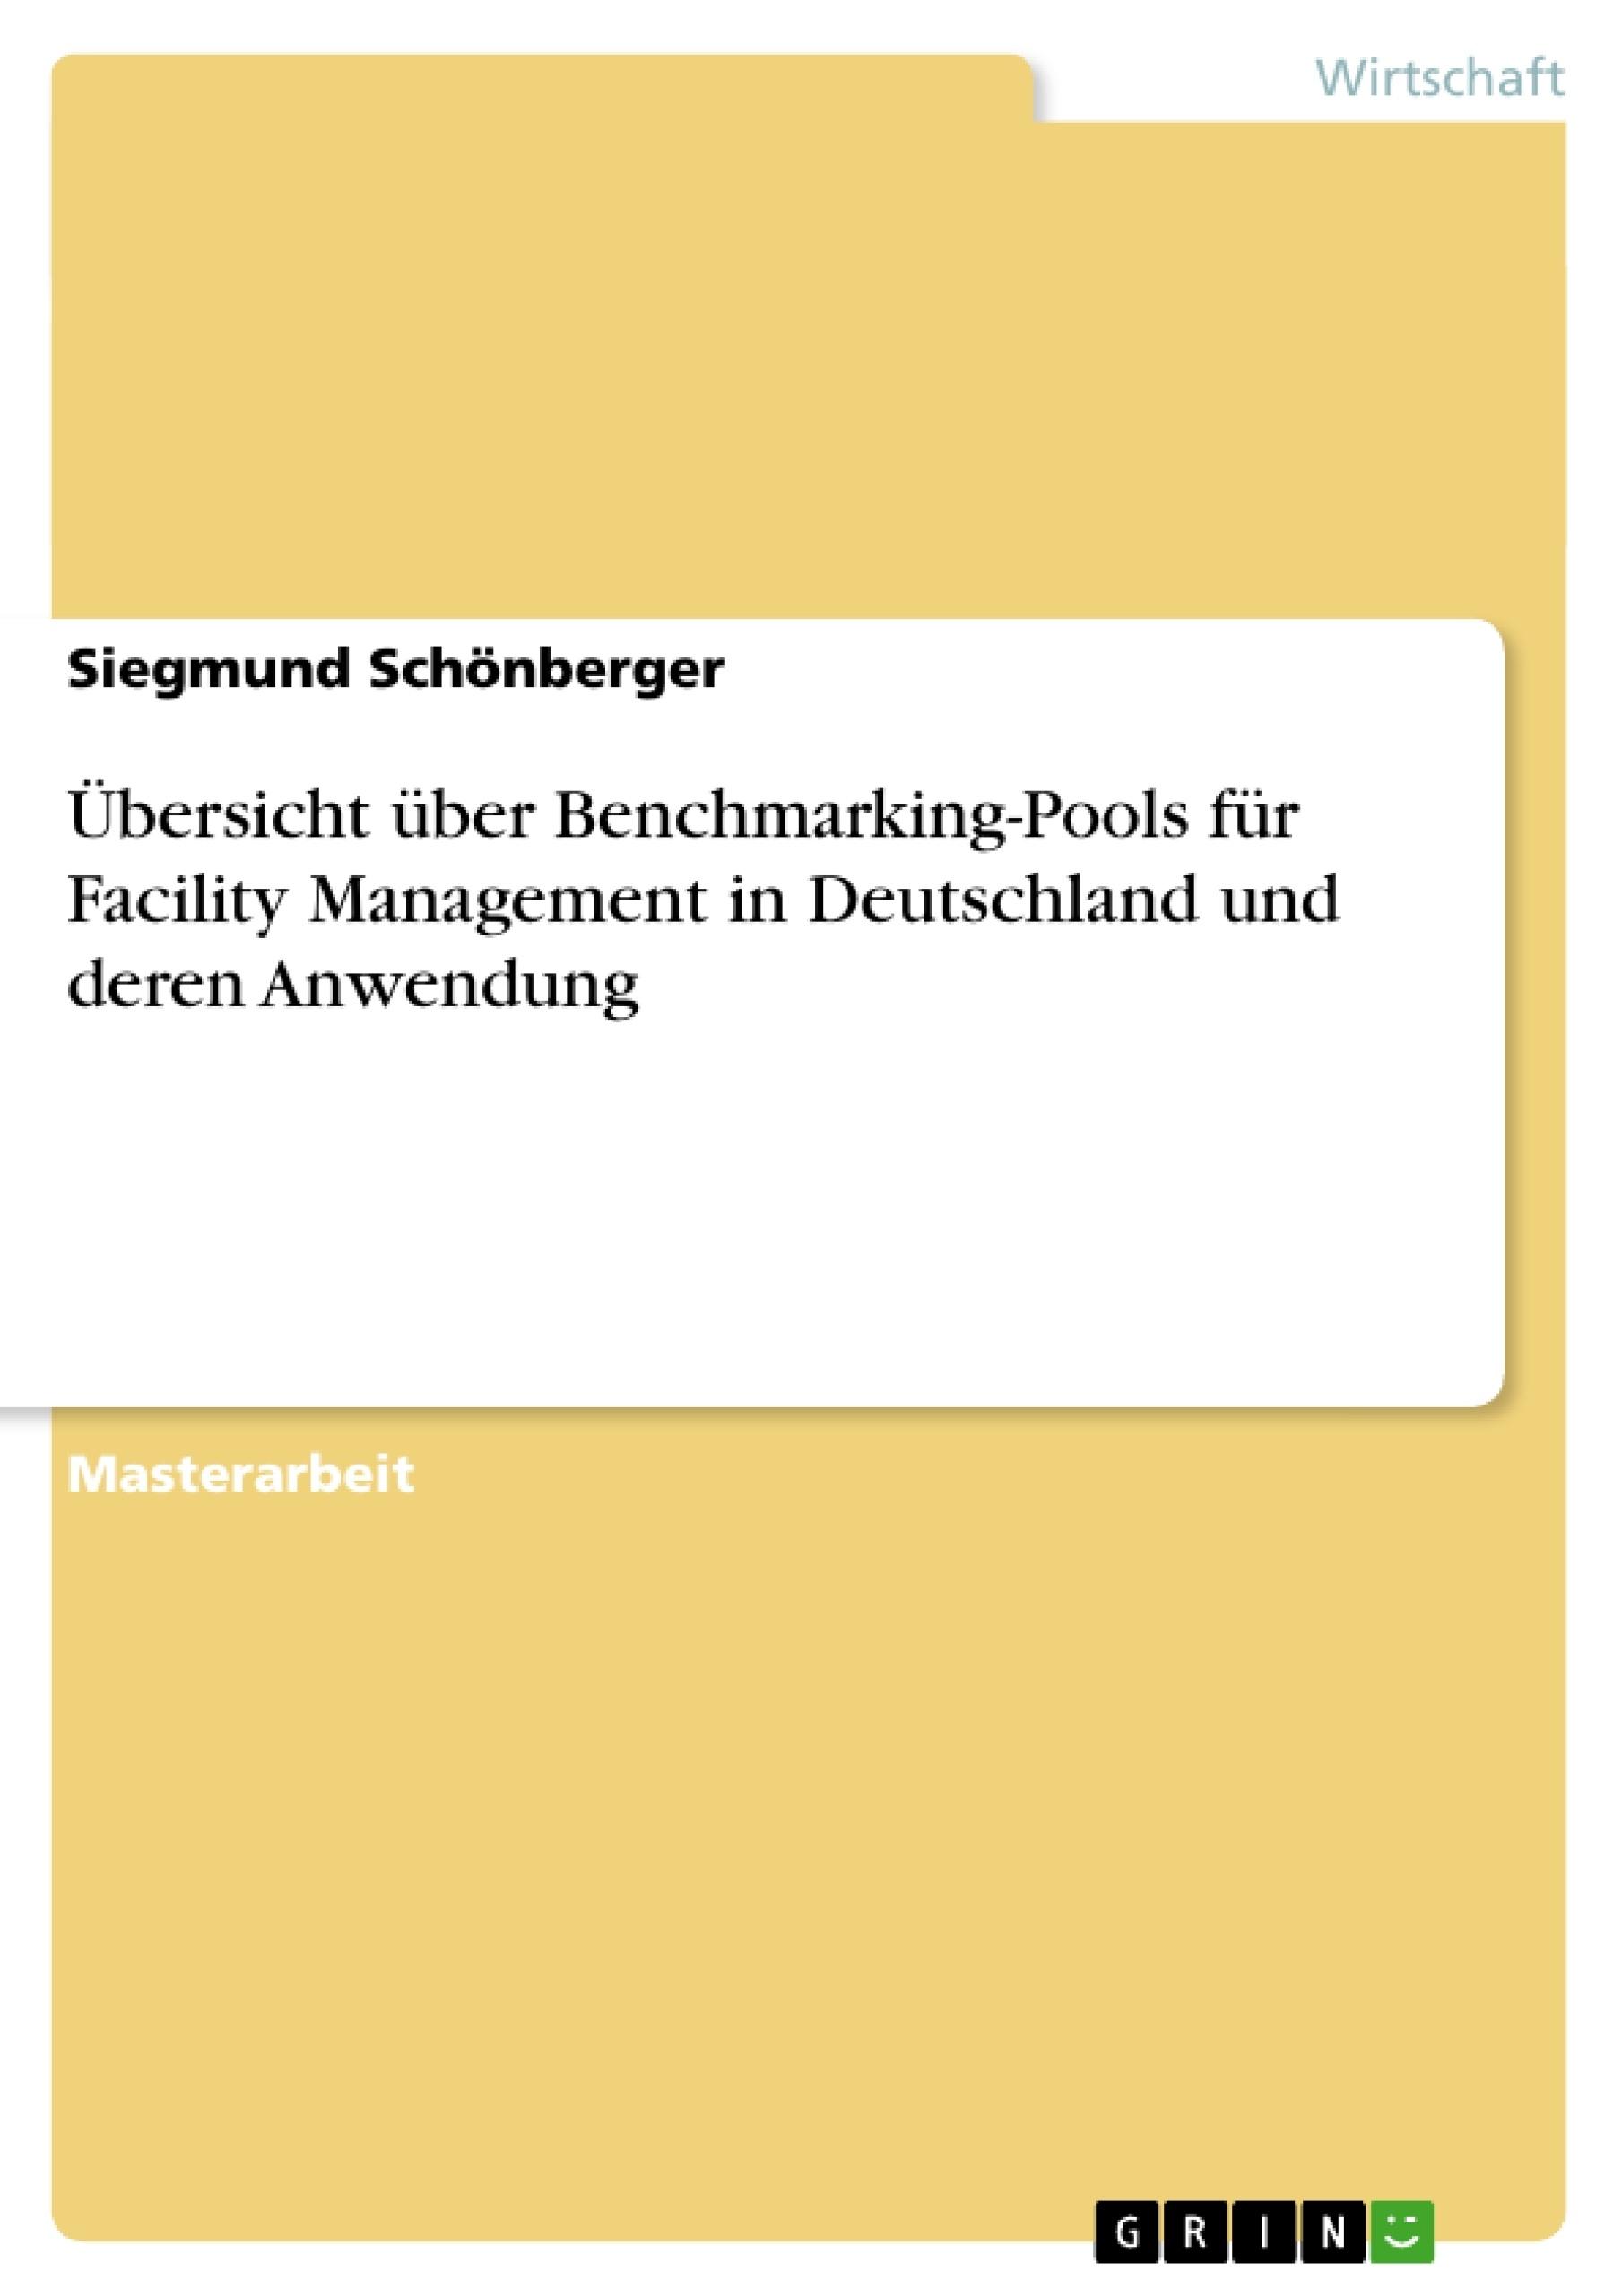 Titel: Übersicht über Benchmarking-Pools für Facility Management in Deutschland und deren Anwendung